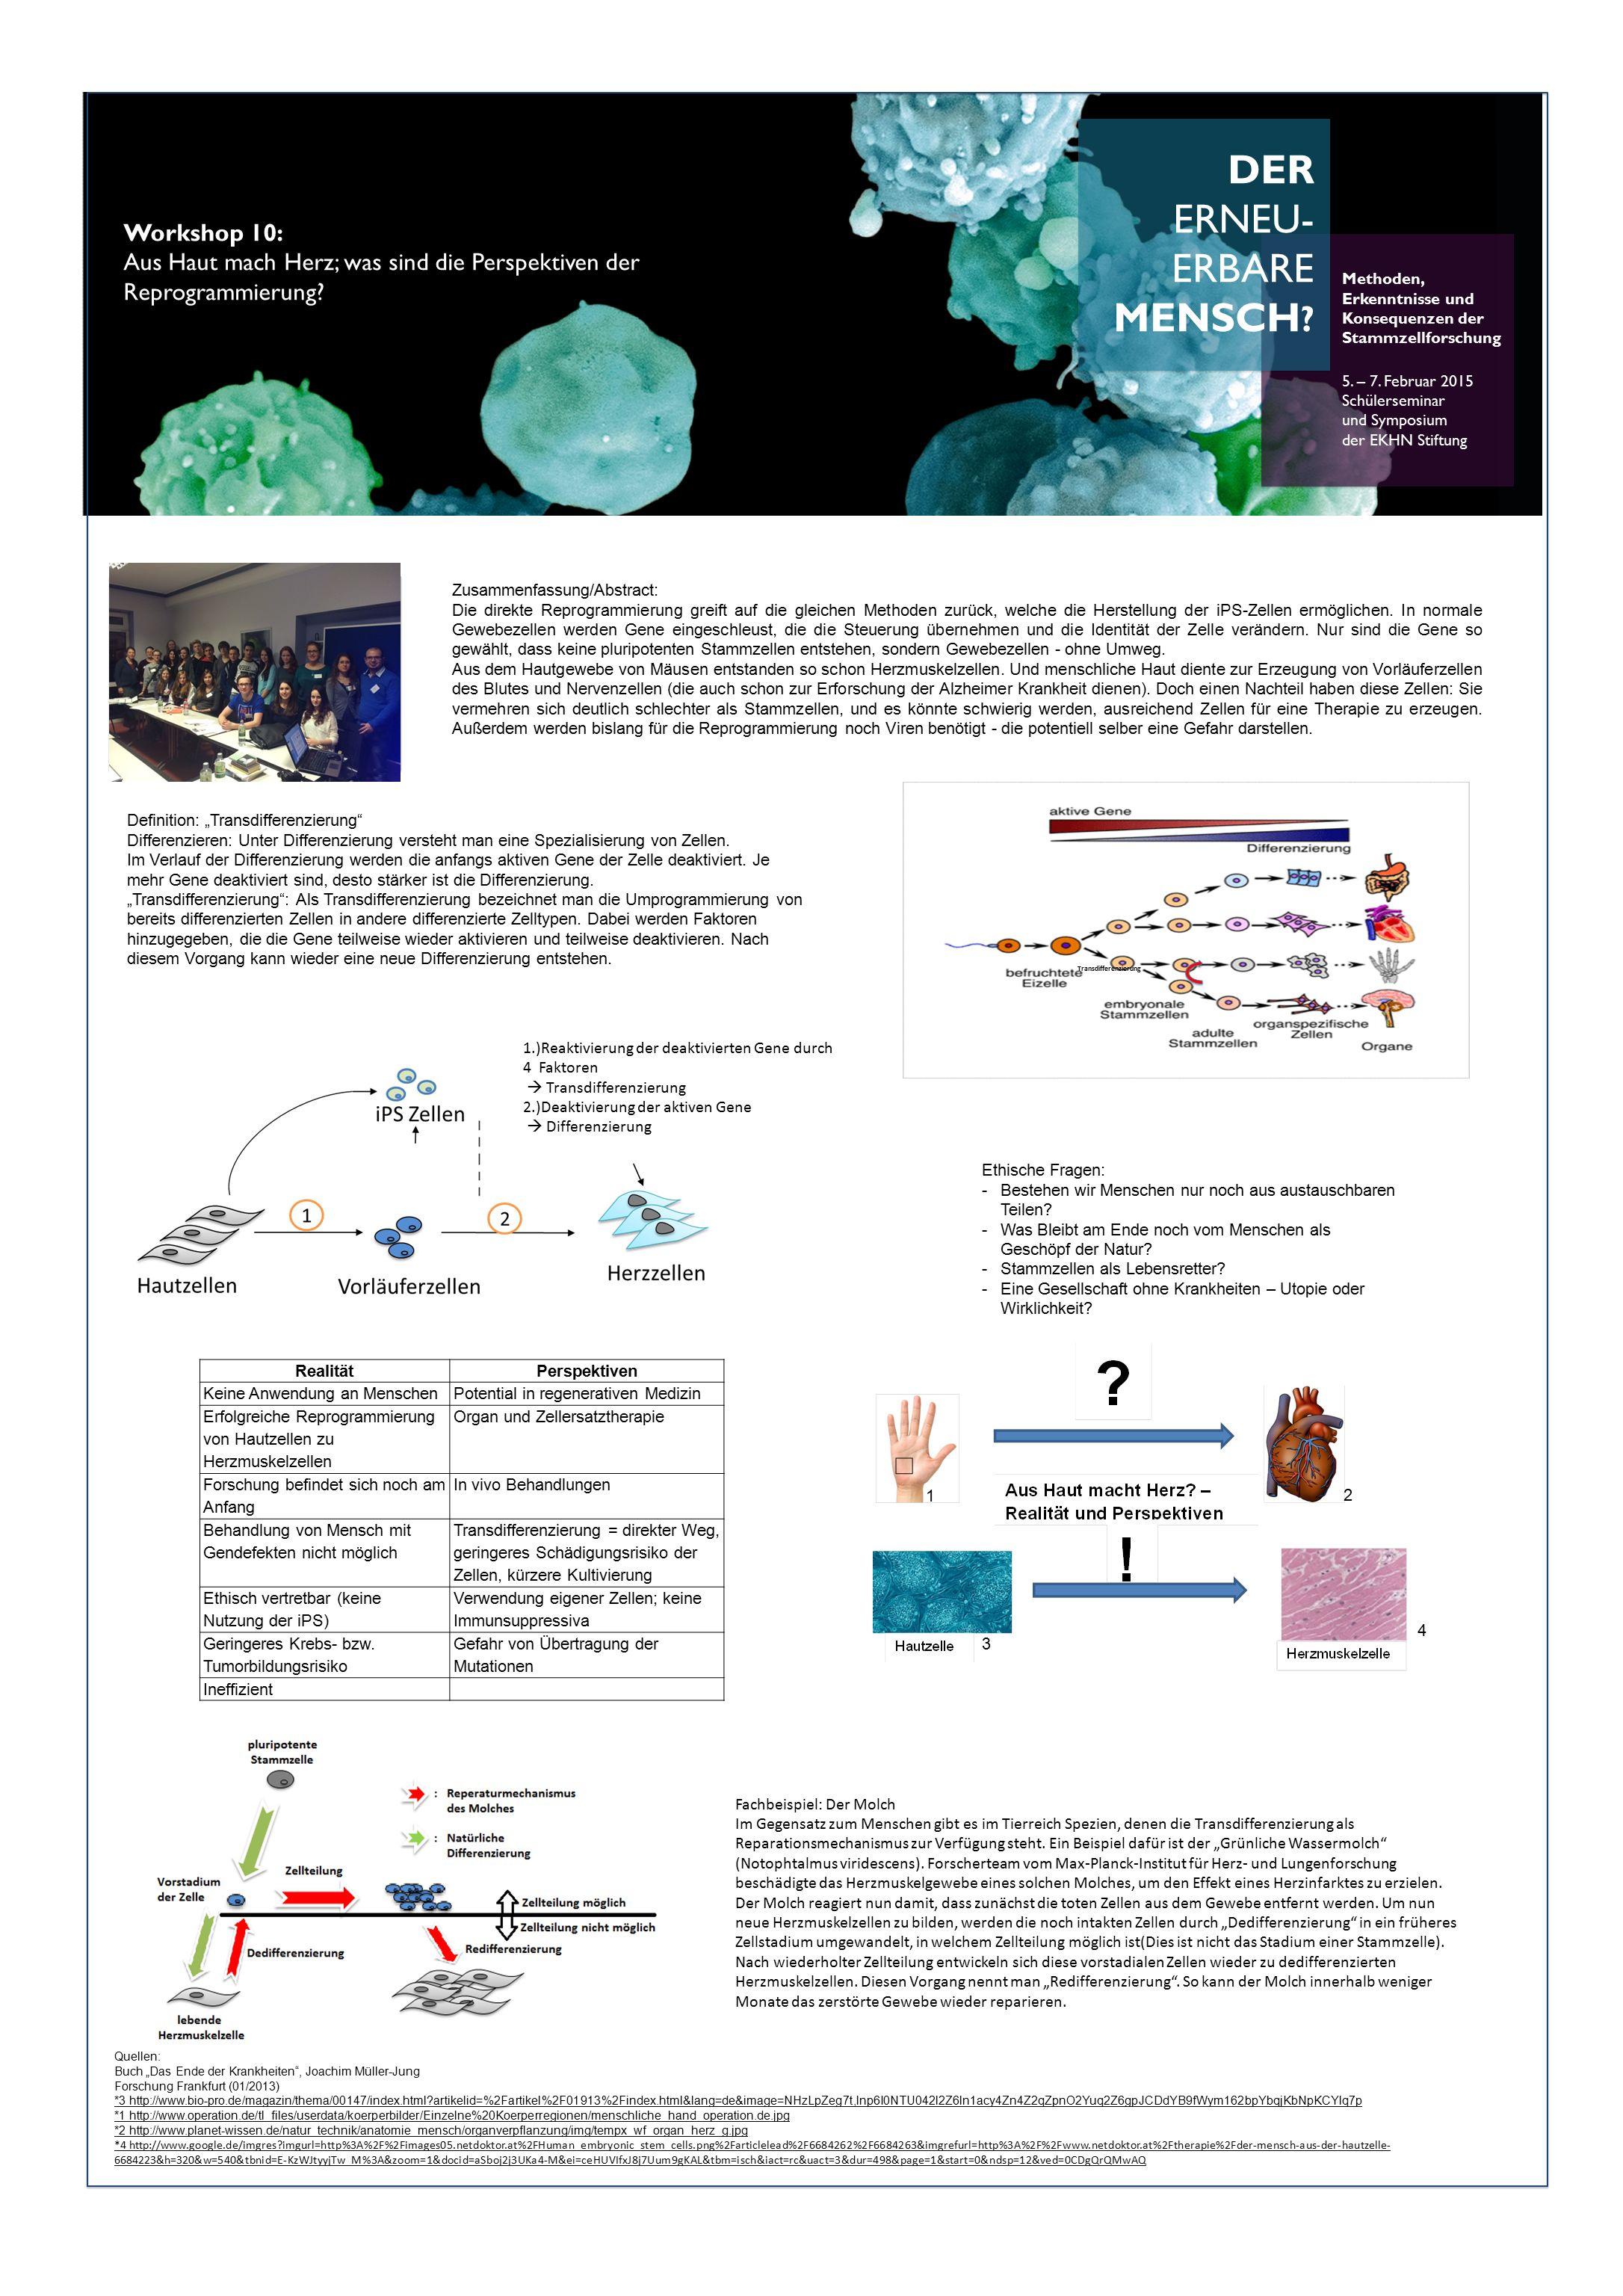 DER ERNEU- ERBARE MENSCH .Methoden, Erkenntnisse und Konsequenzen der Stammzellforschung 5.